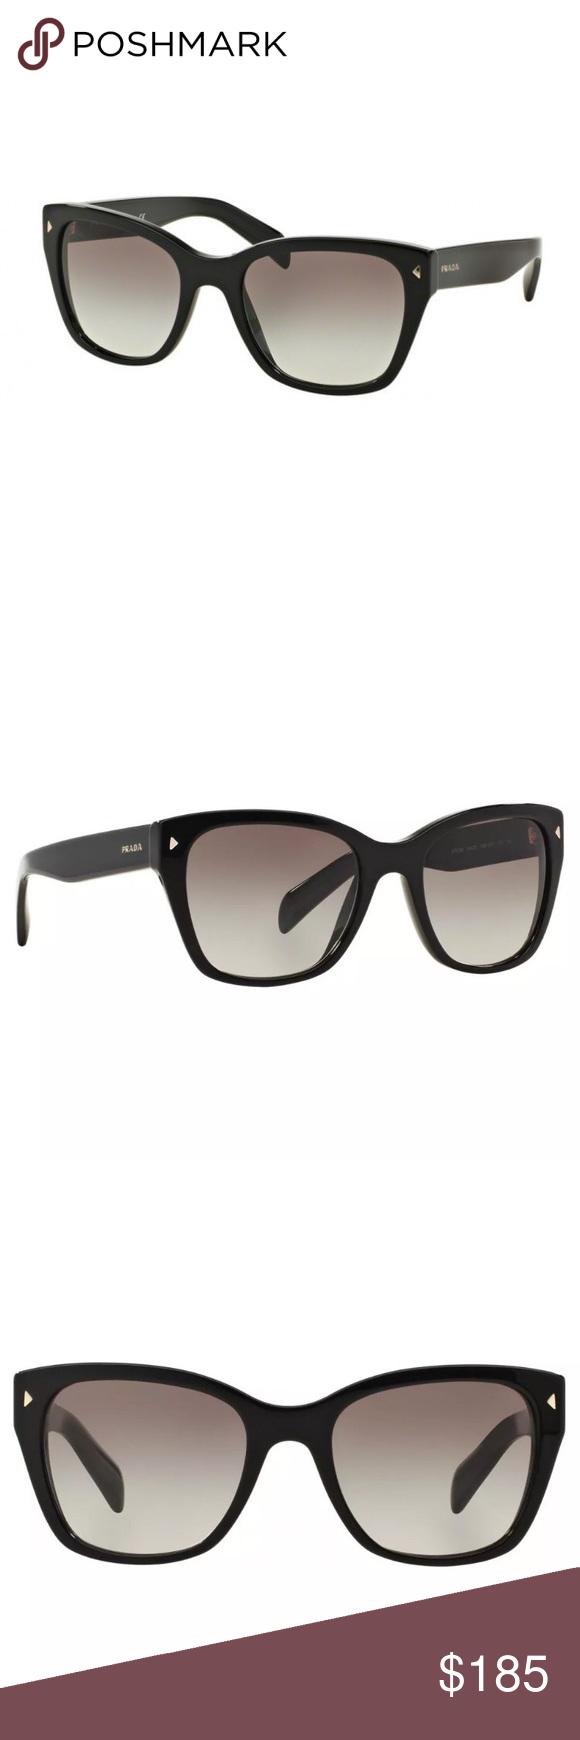 Gafas De Sol - Pr 0pr 09ss 54 1ab0a7 - Negro - Prada Gafas De Sol Para Damas QeXhwFV5